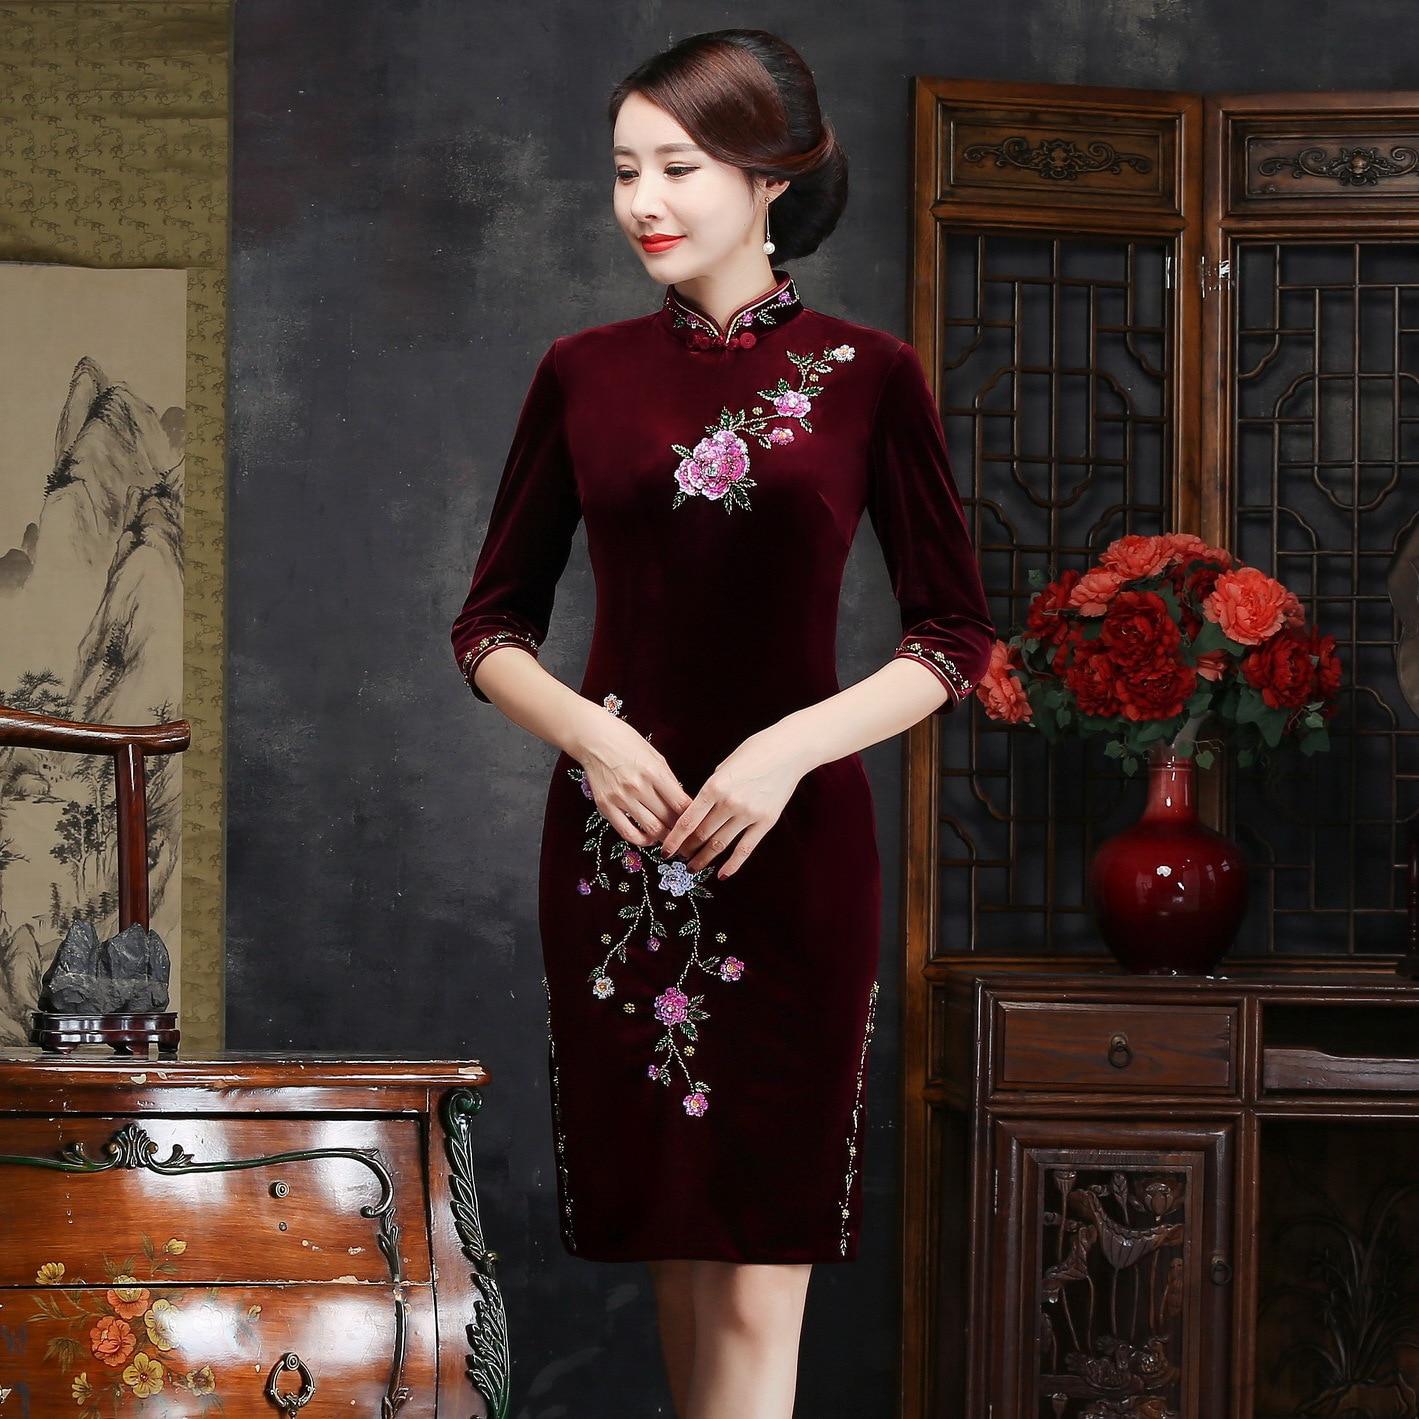 Осень зима для женщин вышивка Qipao пикантные высокие разделение Cheongsam Oversize 3XL 4XL Винтаж ручной работы и пуговицы платье Vestiidos